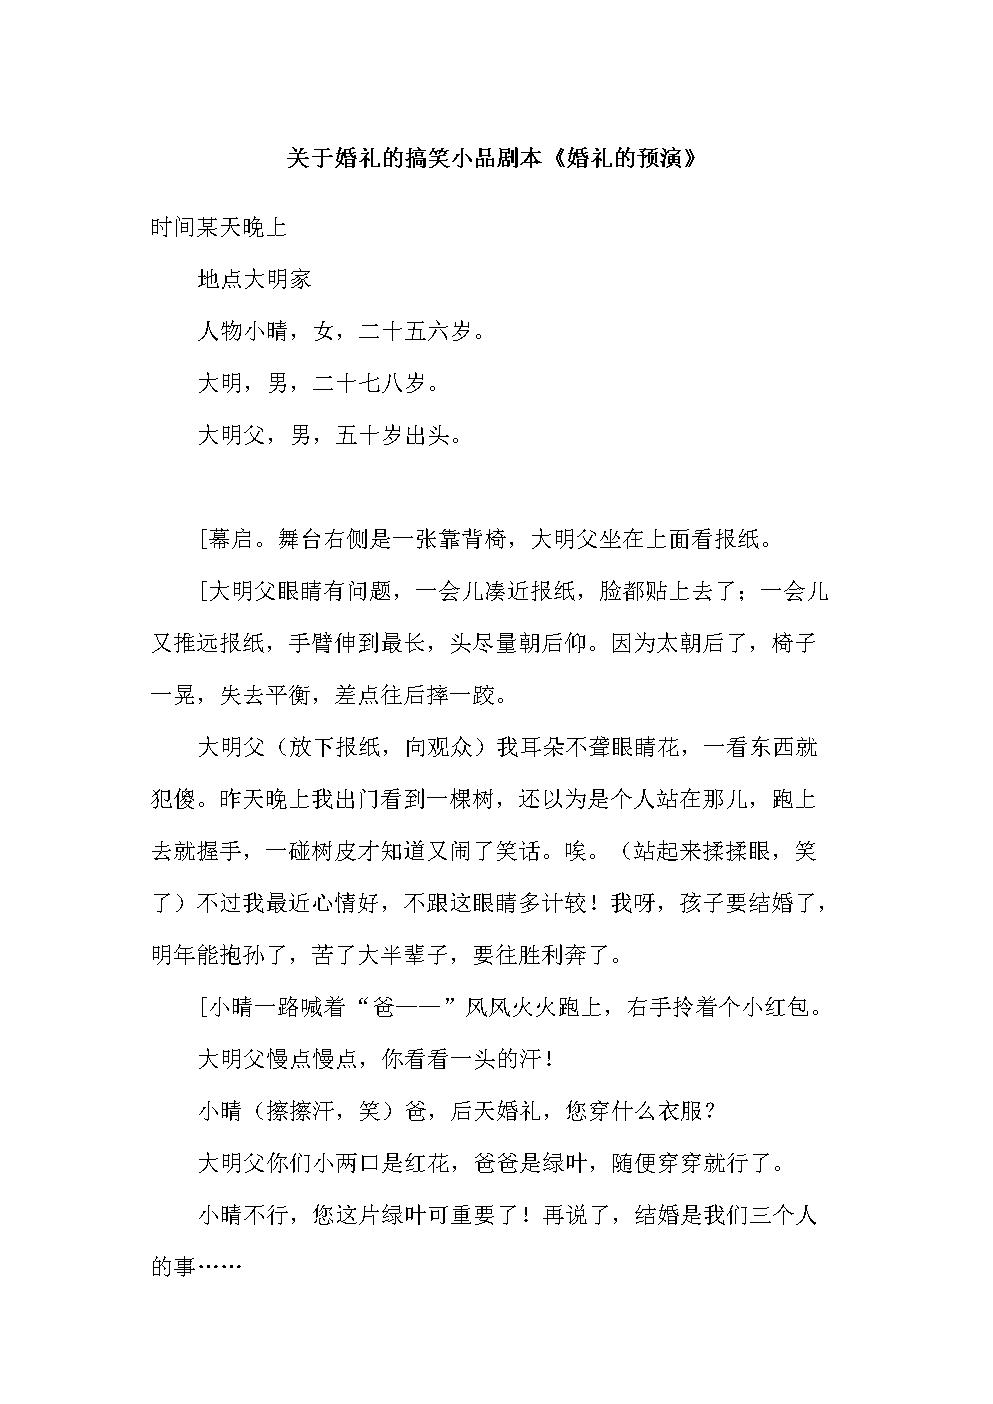 命案-陈柏宇(MP3歌词/LRC歌词) lrc歌词下载 第1张